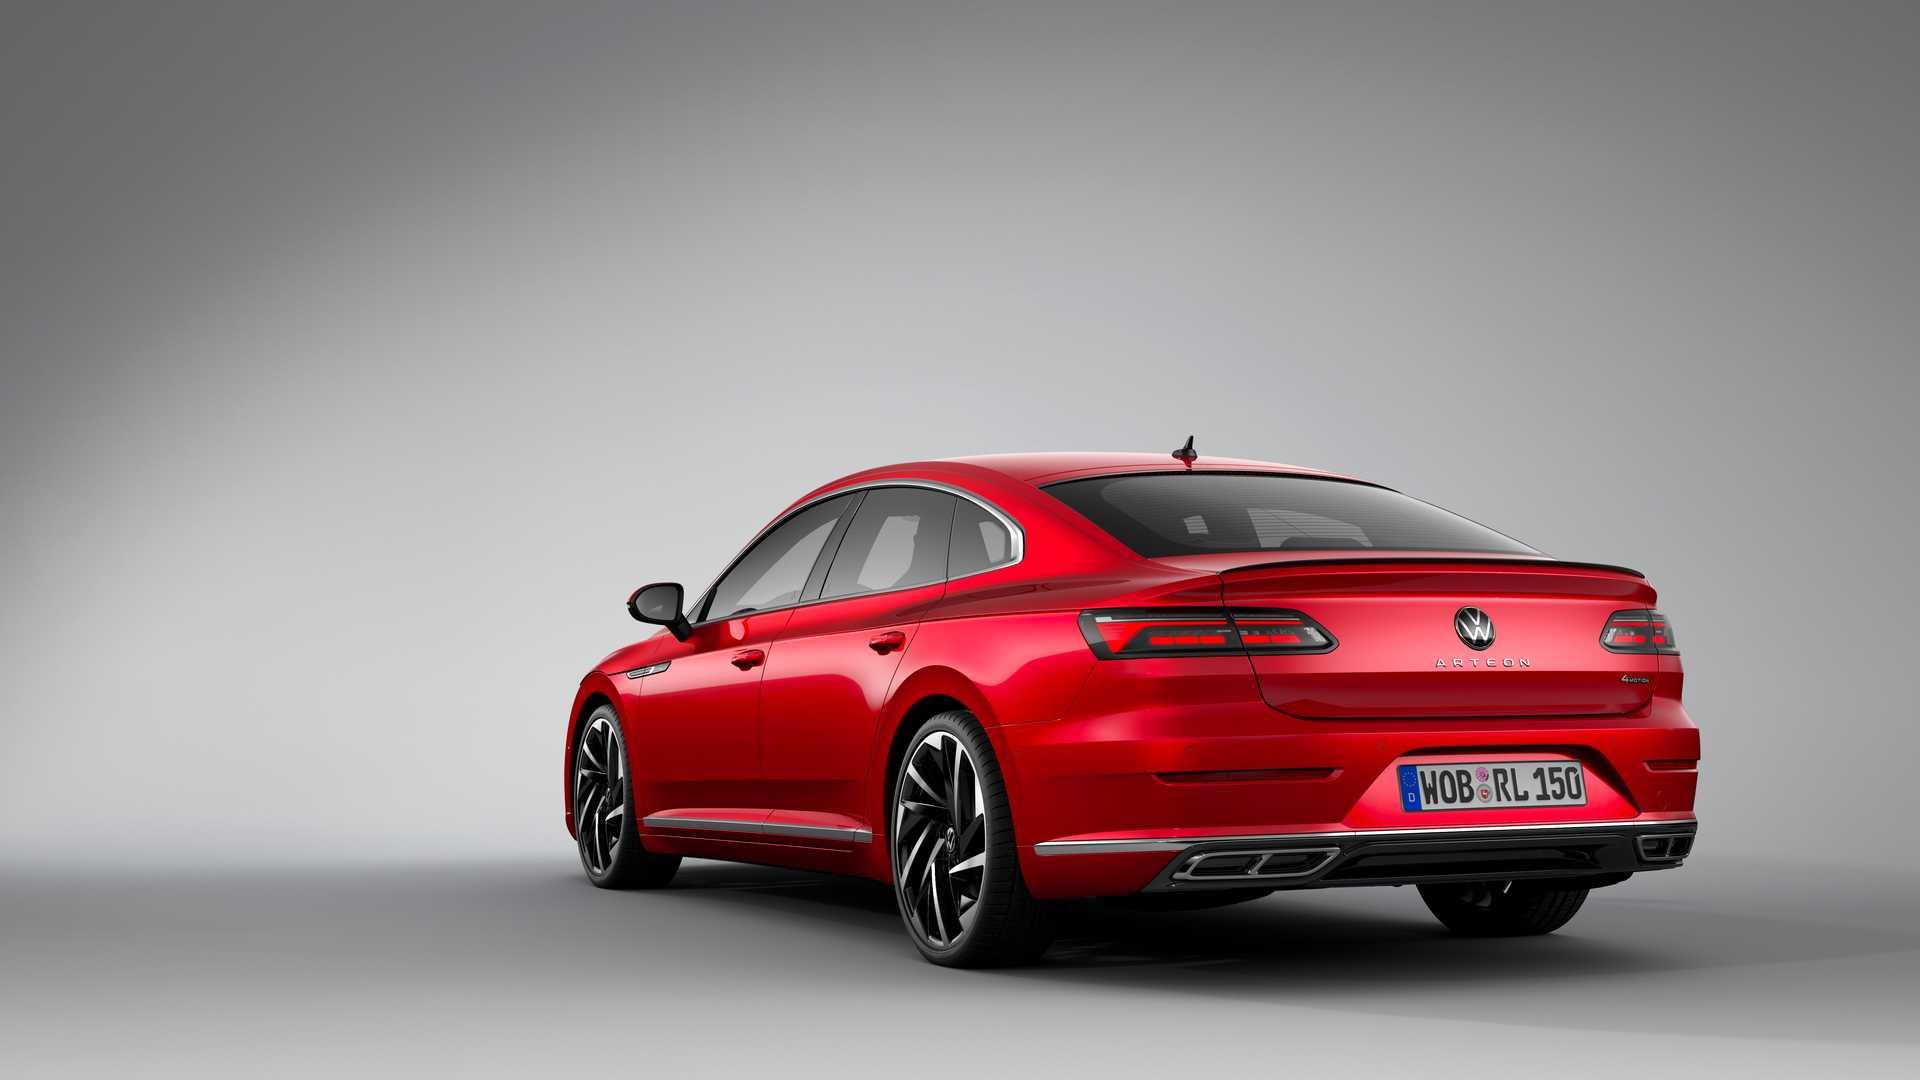 un update important pentru sedan-ul său de top – Arteon. În plus, compania teutonă a prezentat și o nouă versiune: Arteon Shooting Brake